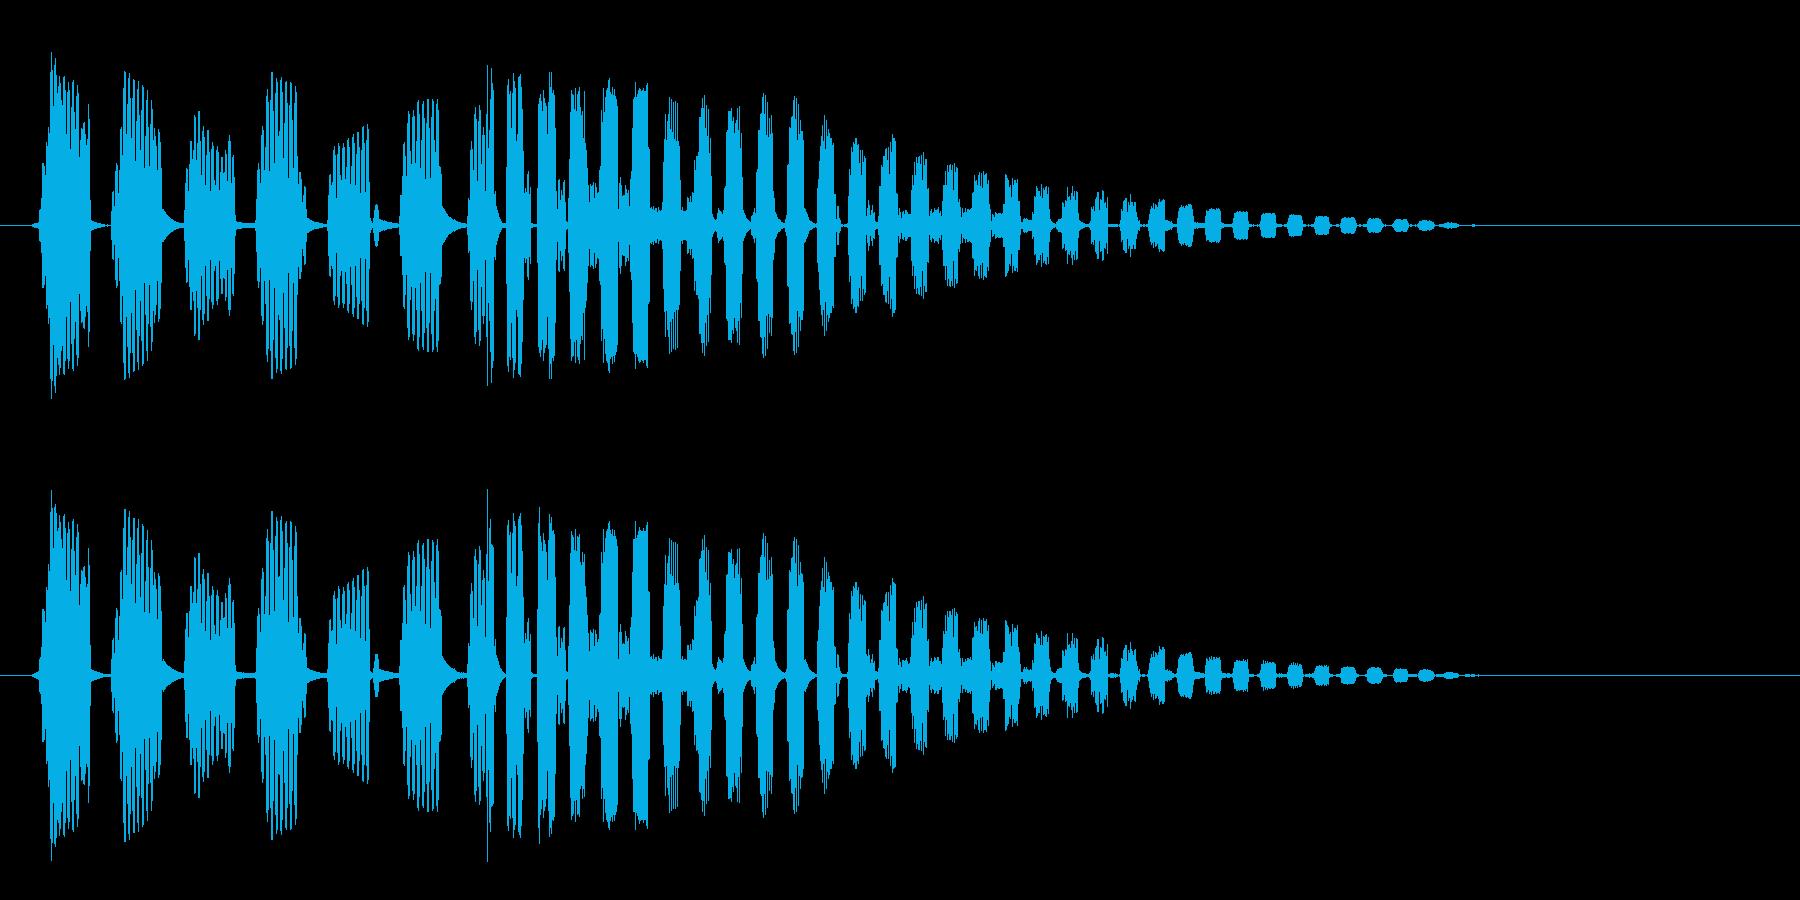 ブヨブヨーン(強めのばねの音)の再生済みの波形